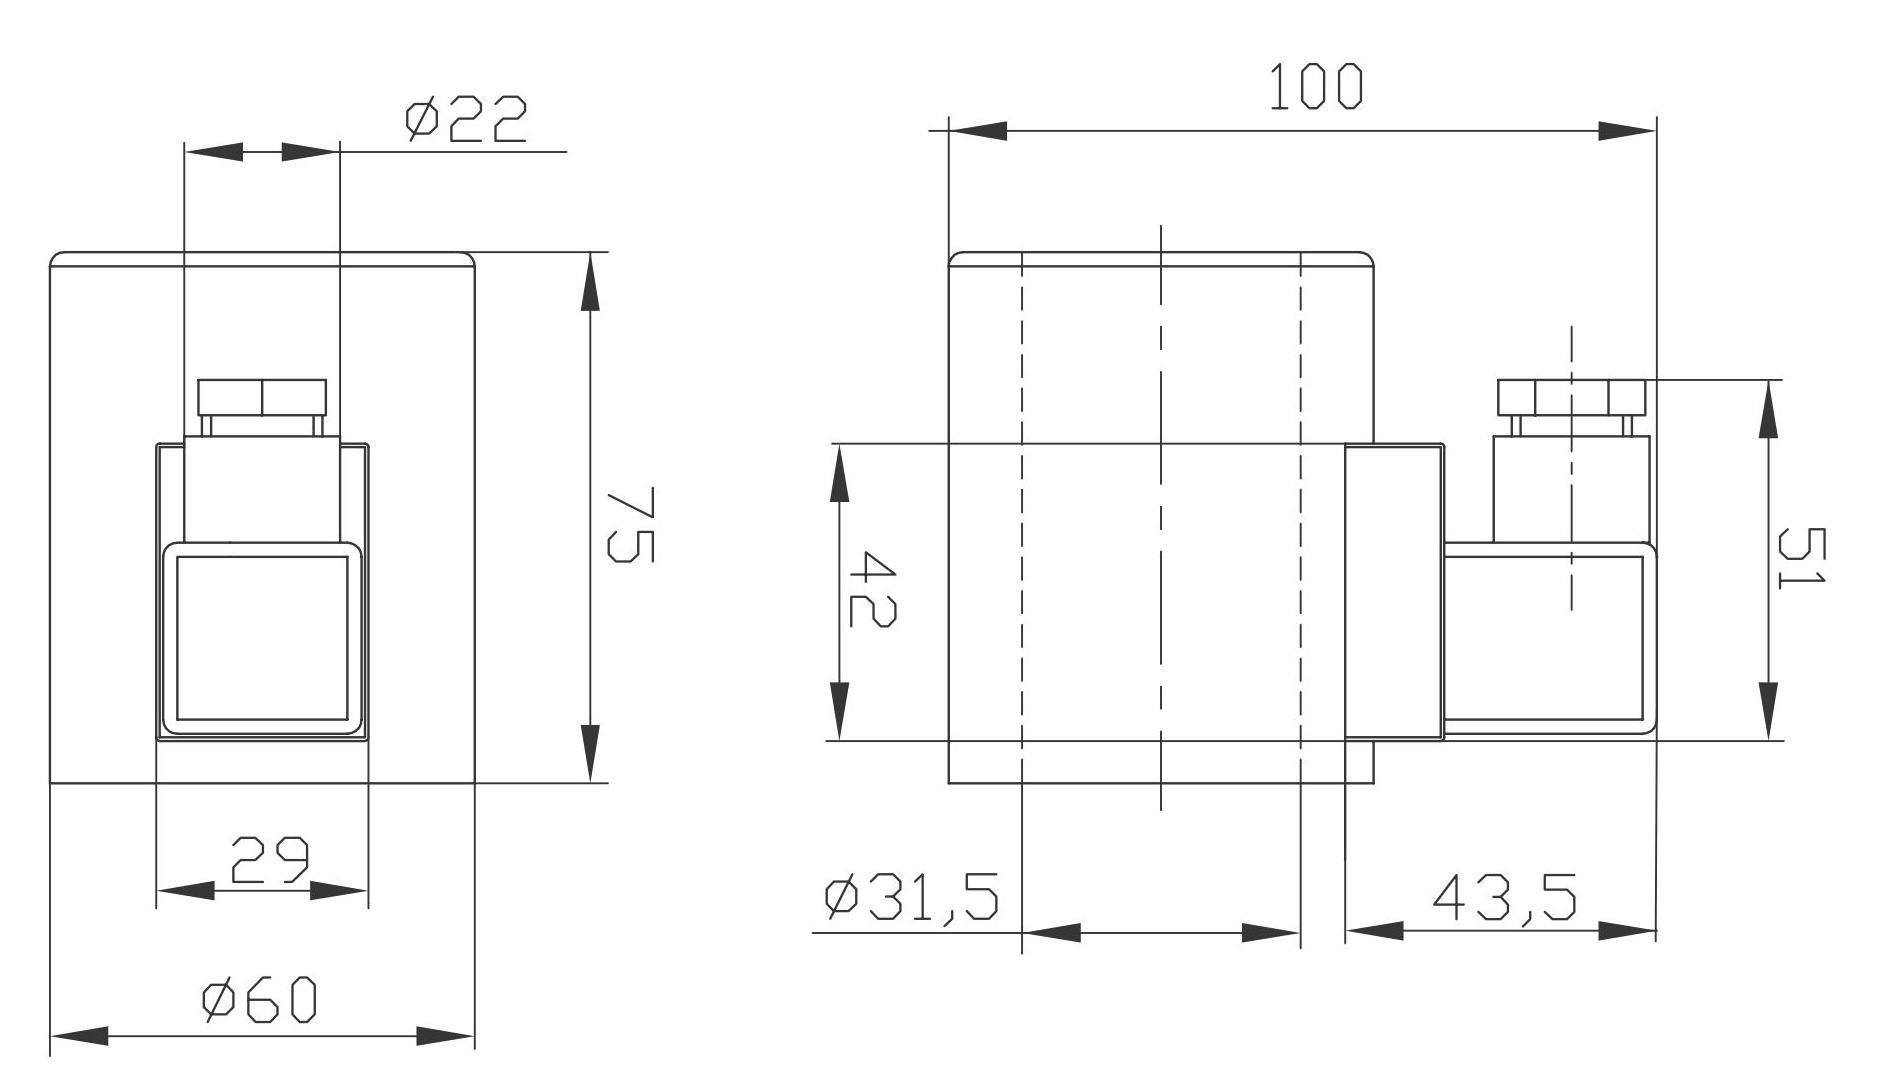 Габаритный и присоединительные размеры электромагнитов (катушек) MFZ10(MFZ12)-90YC DC24(DC12), MFB10(MFZ12)-90YC AC220(AC110) Совместимых с Гидрораспределителями ВЕ10, WE10, FW-03